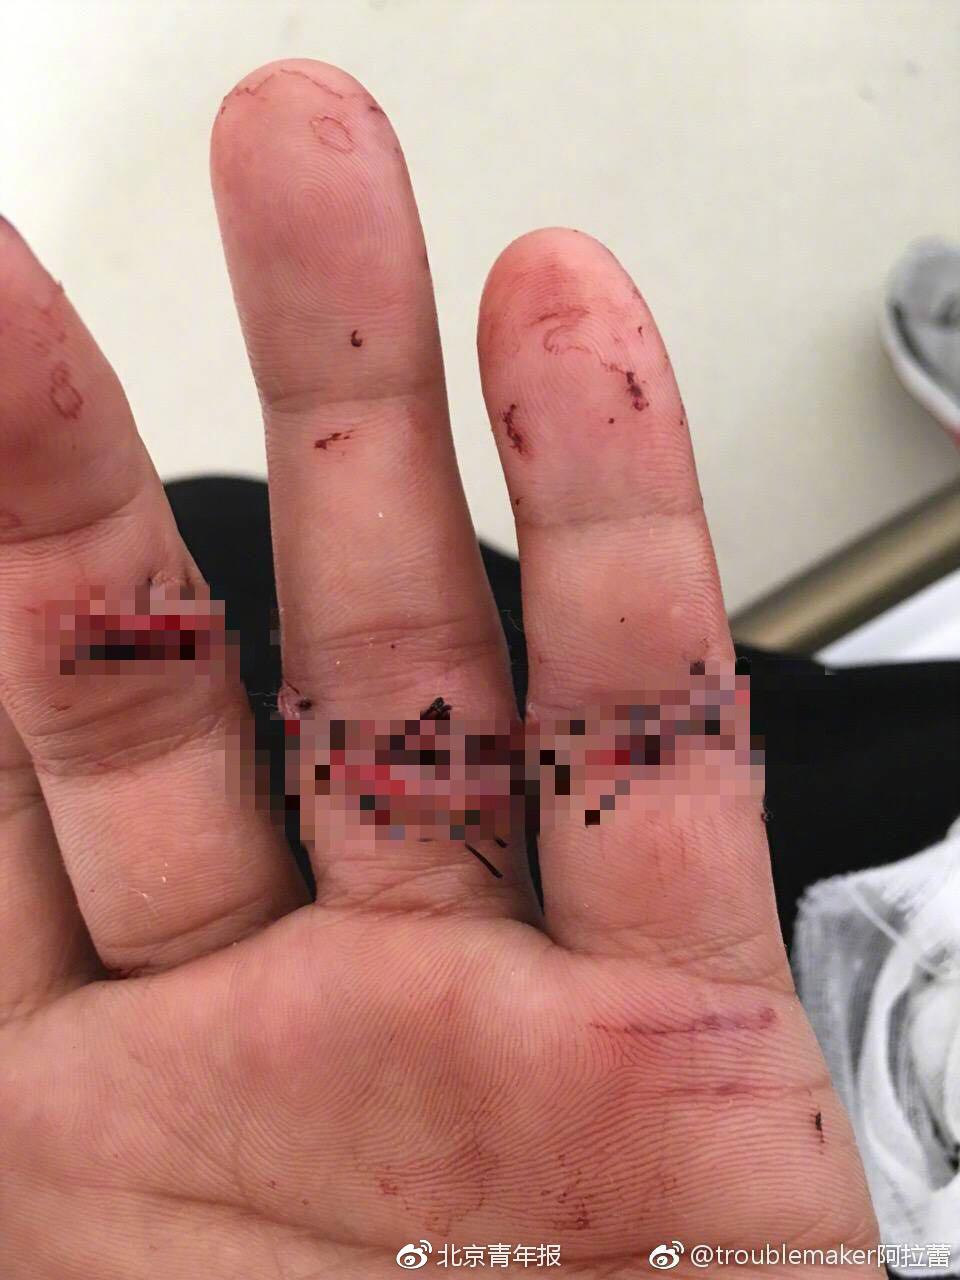 河南一宾馆洗手台掉落 致客人手指肌腱断裂